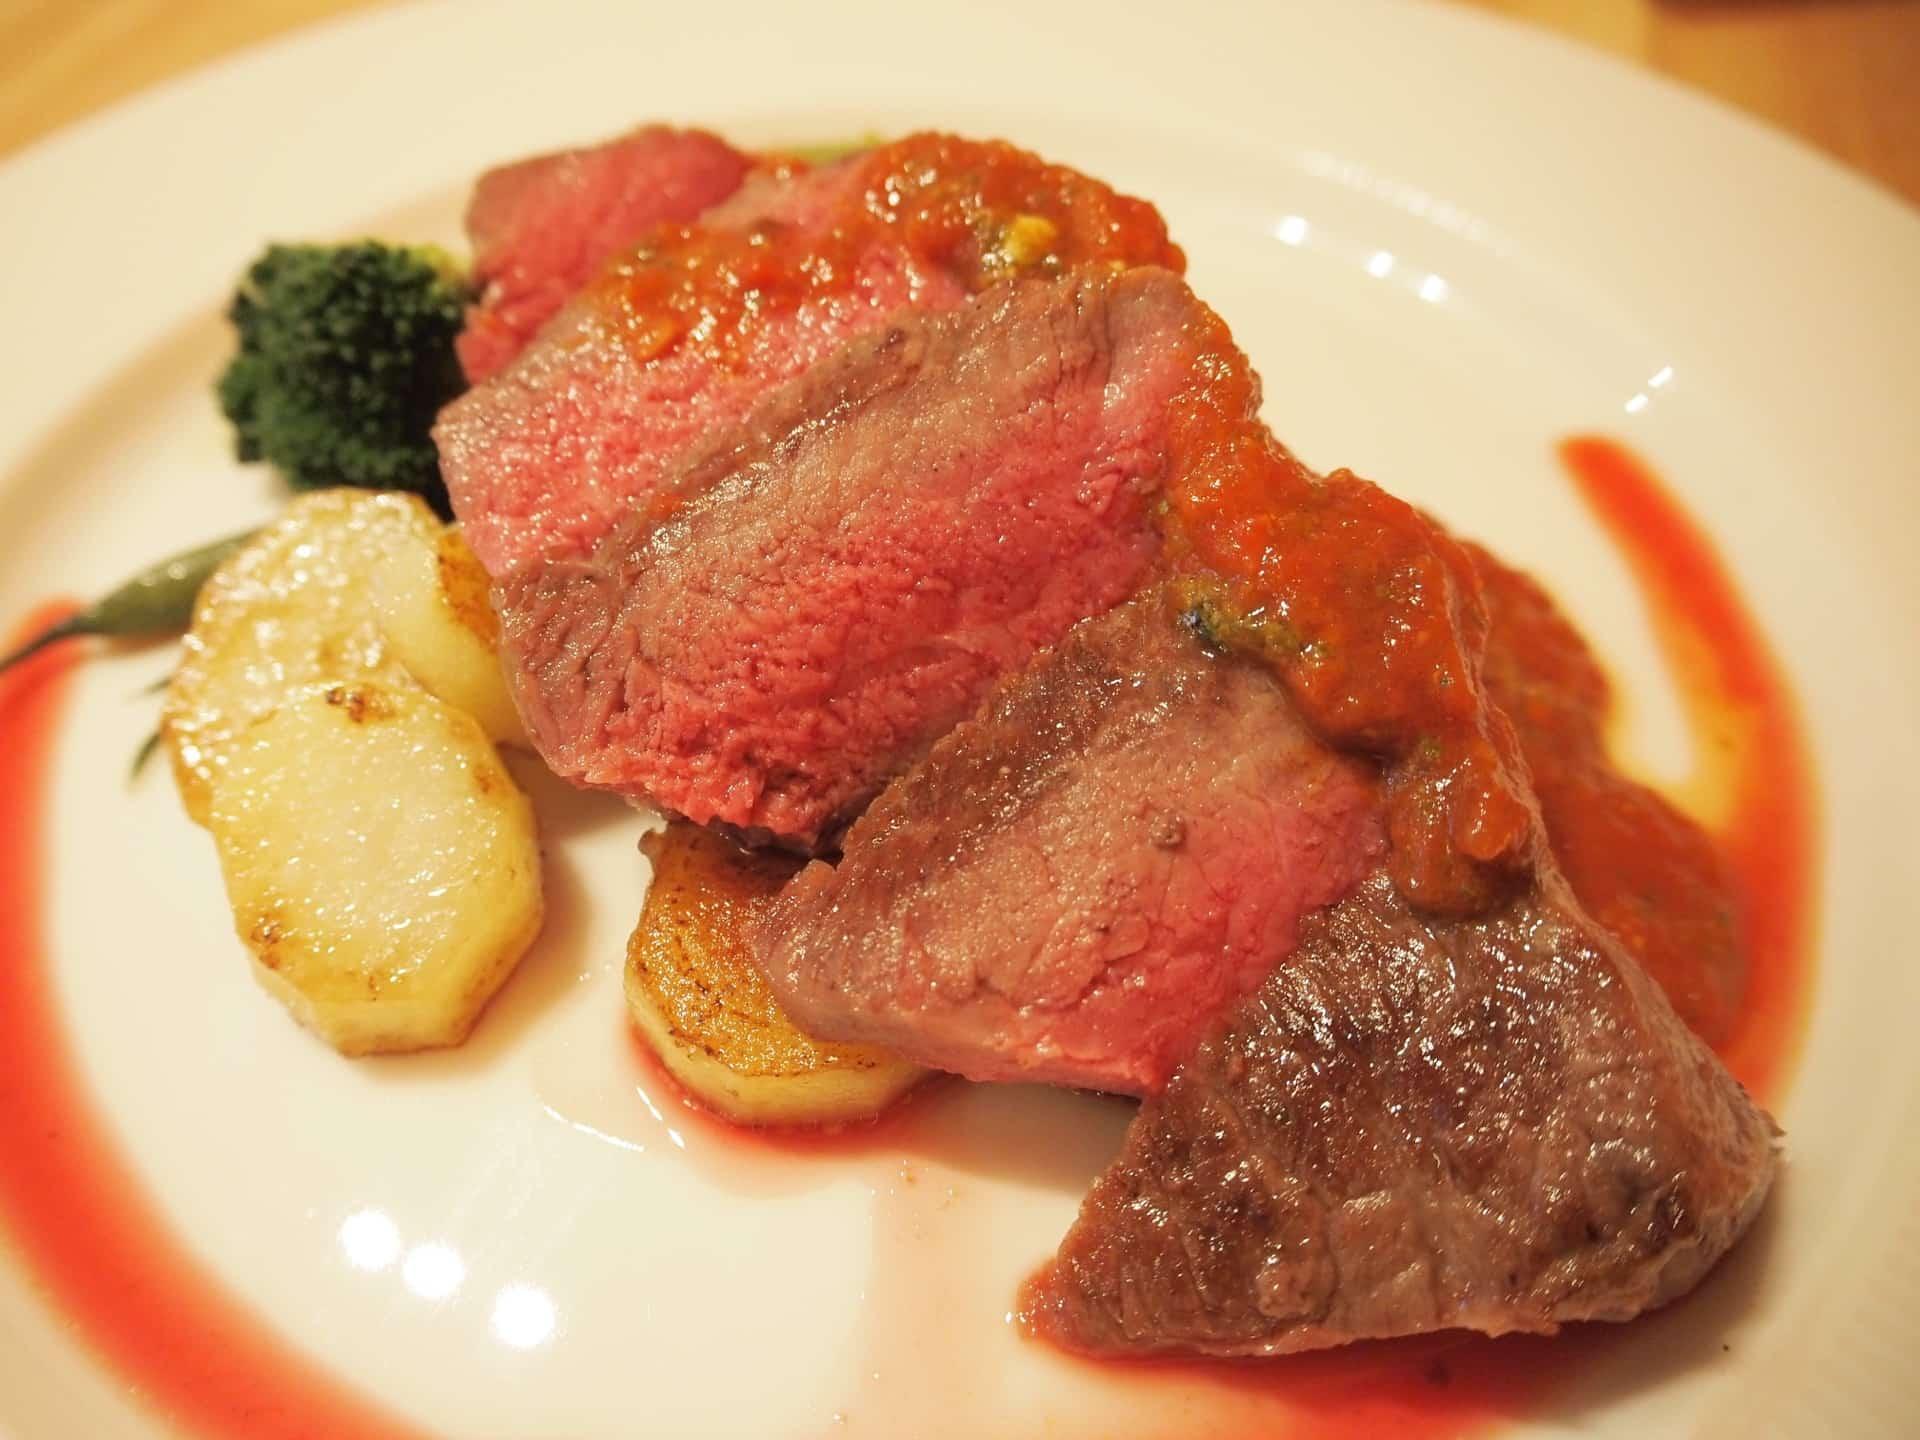 ミラベル − 神戸の隠れ家で1000円台で味わえるフレンチの絶品ランチ